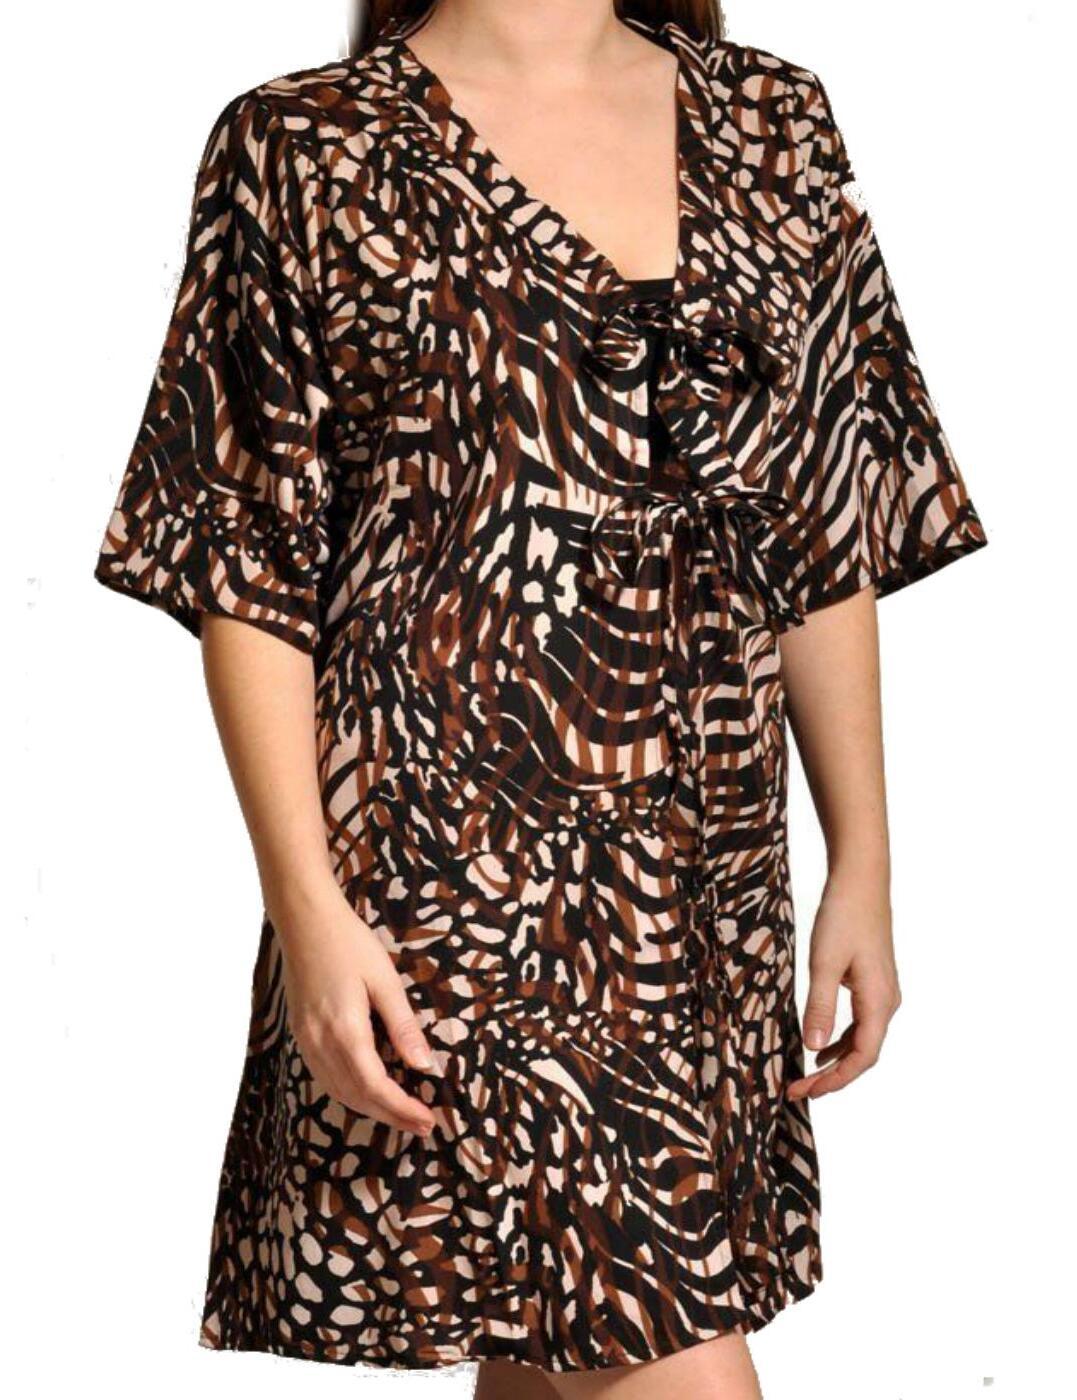 Elomi Swimwear Yarra Kaftan Beach Dress 7713 Java print - 7713 Kaftan